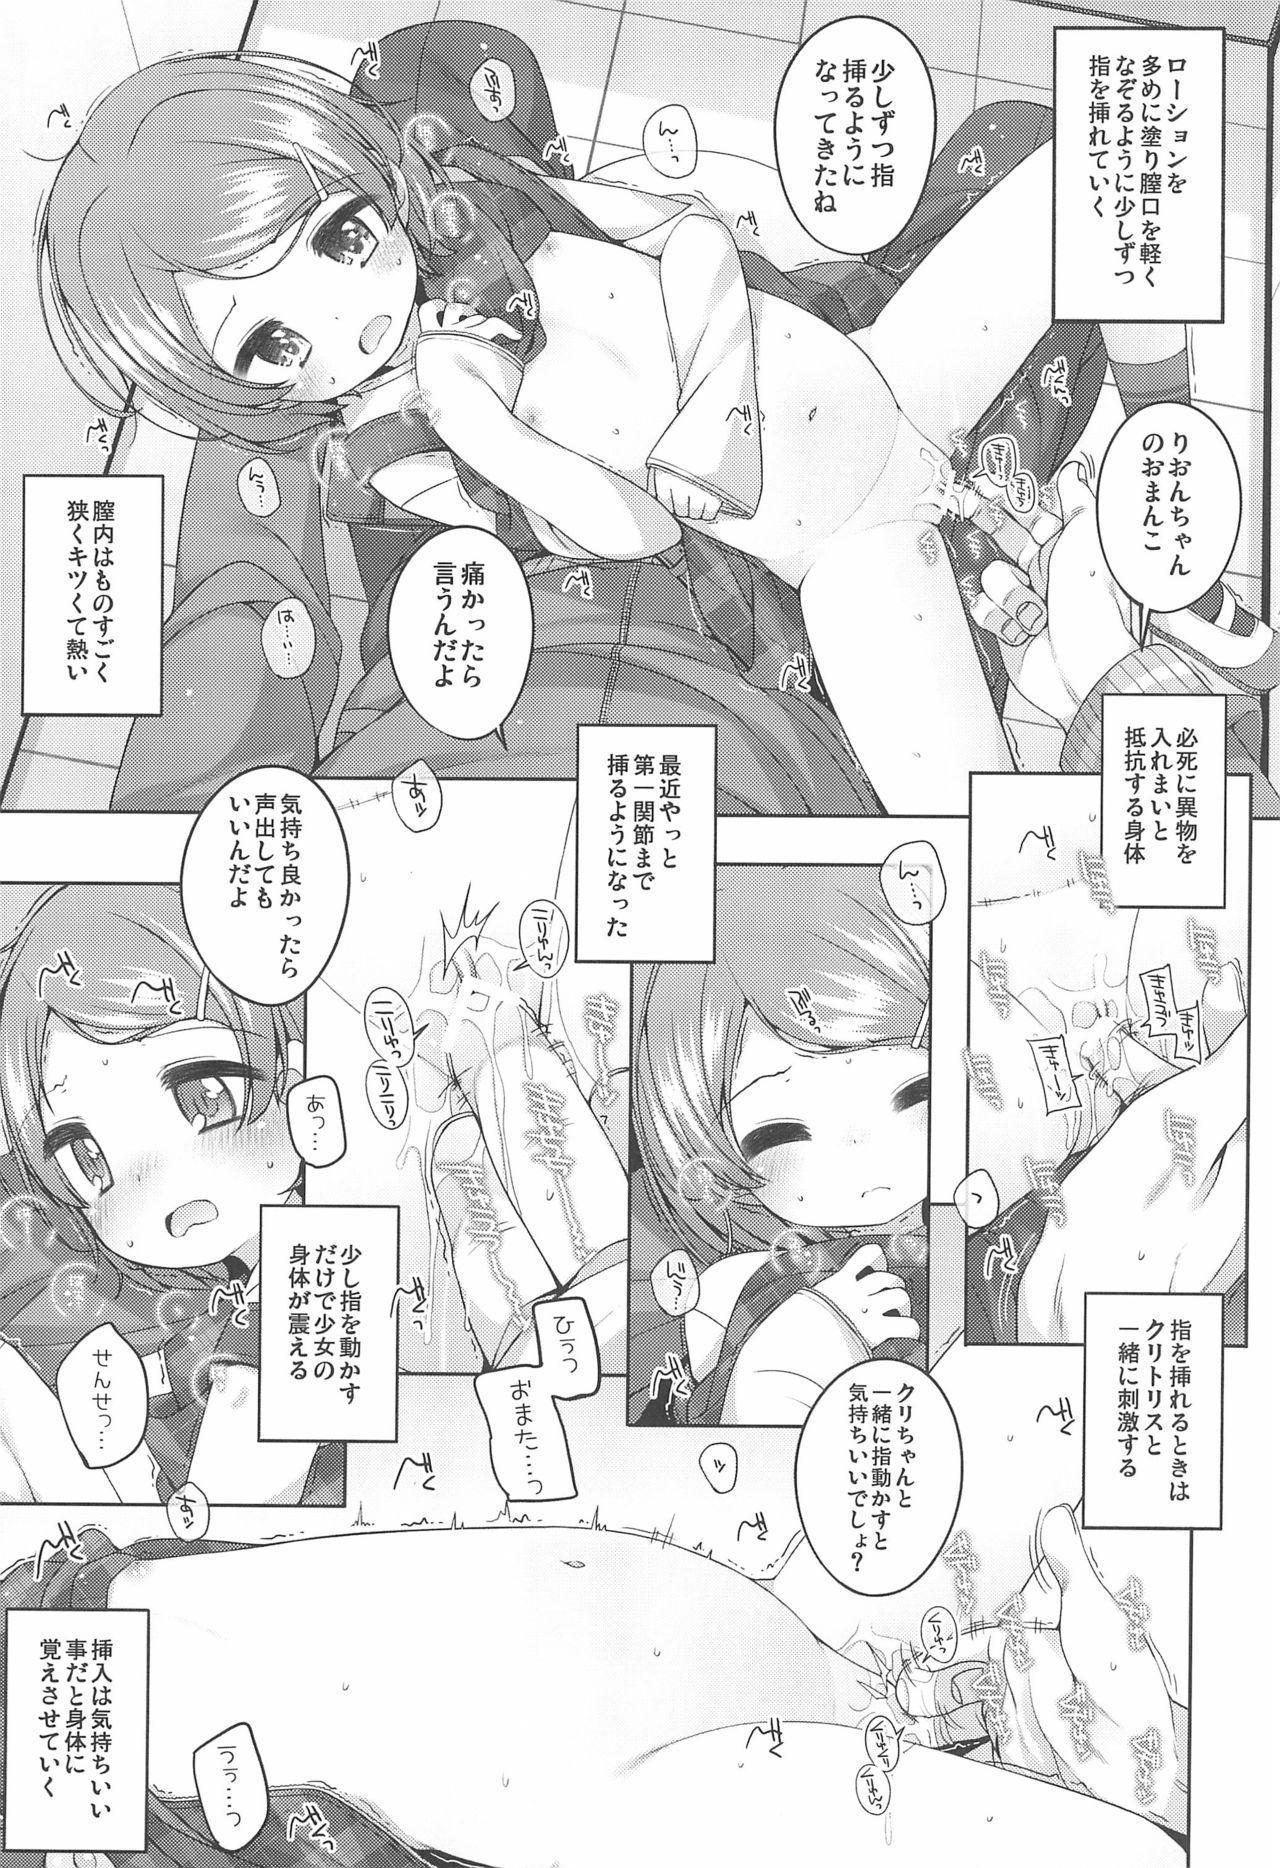 Rion-chan to Sensei 6